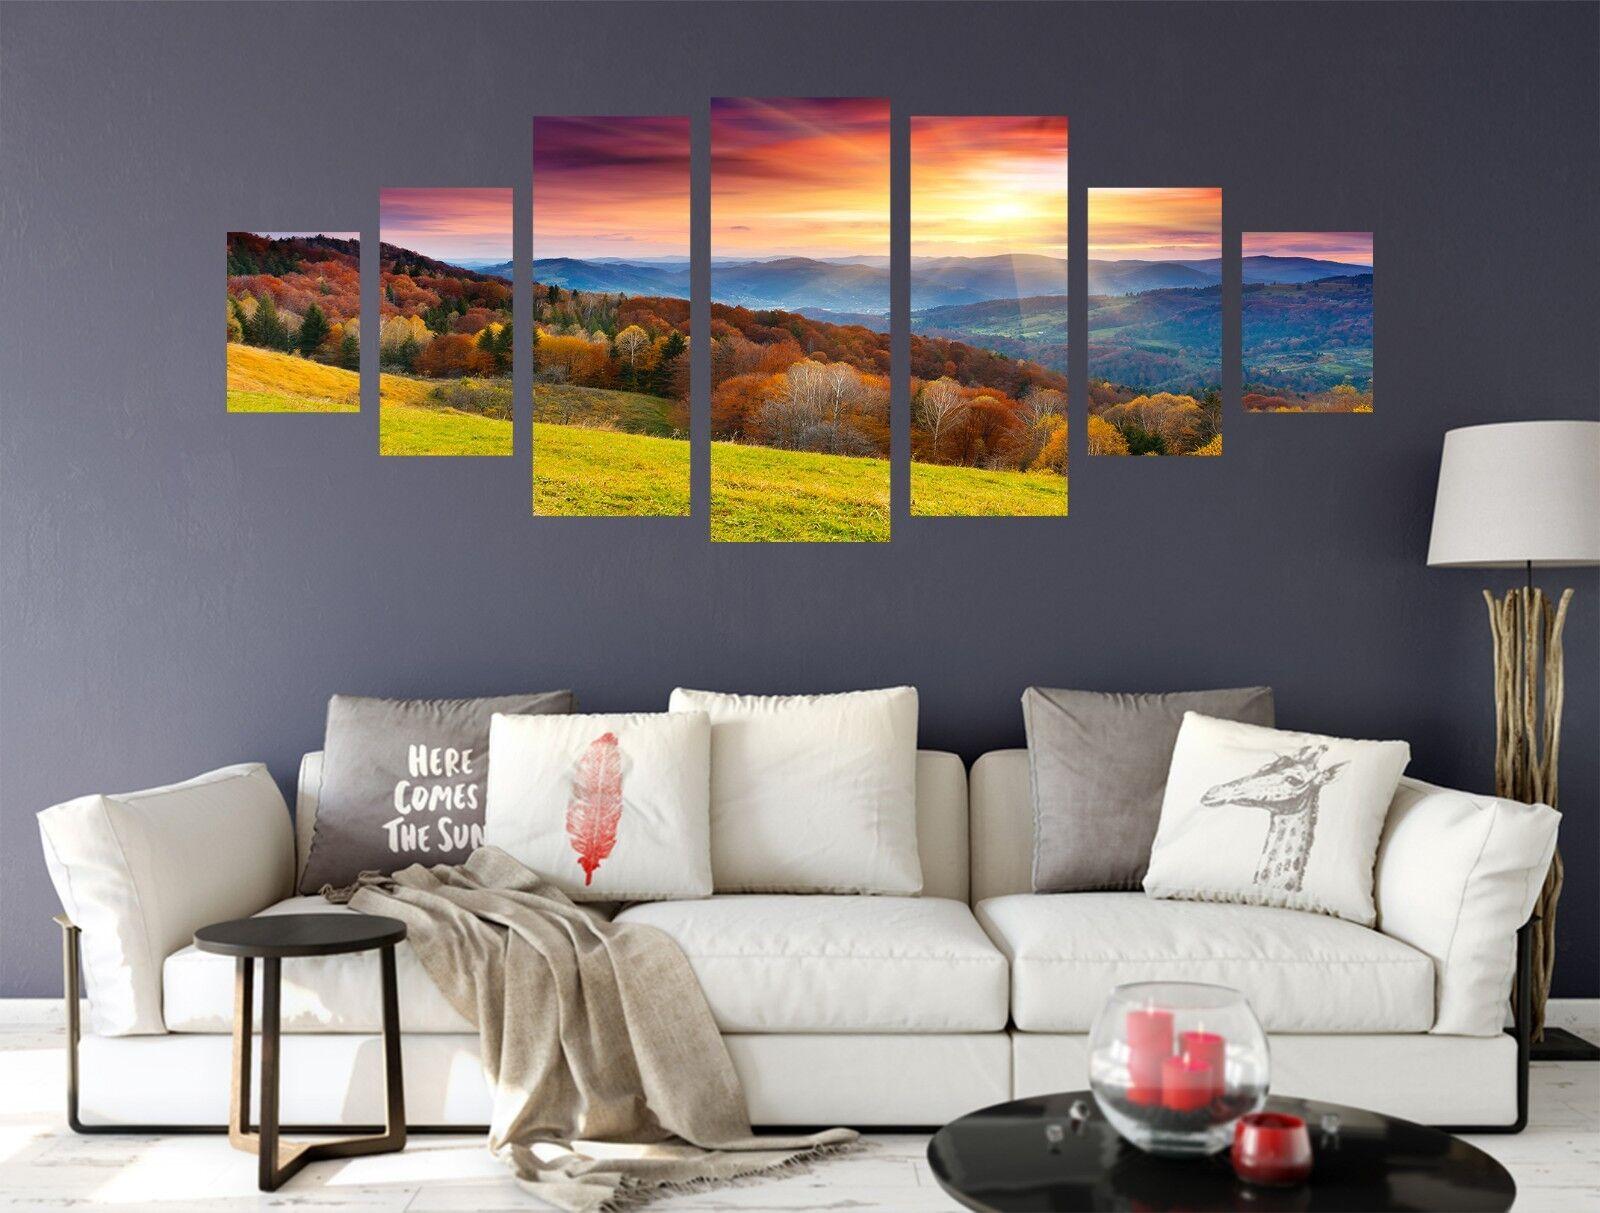 3D Sunrise Hill 66 Unframed Drucken Wand Papier Decal Wand Deco Innen AJ Wand